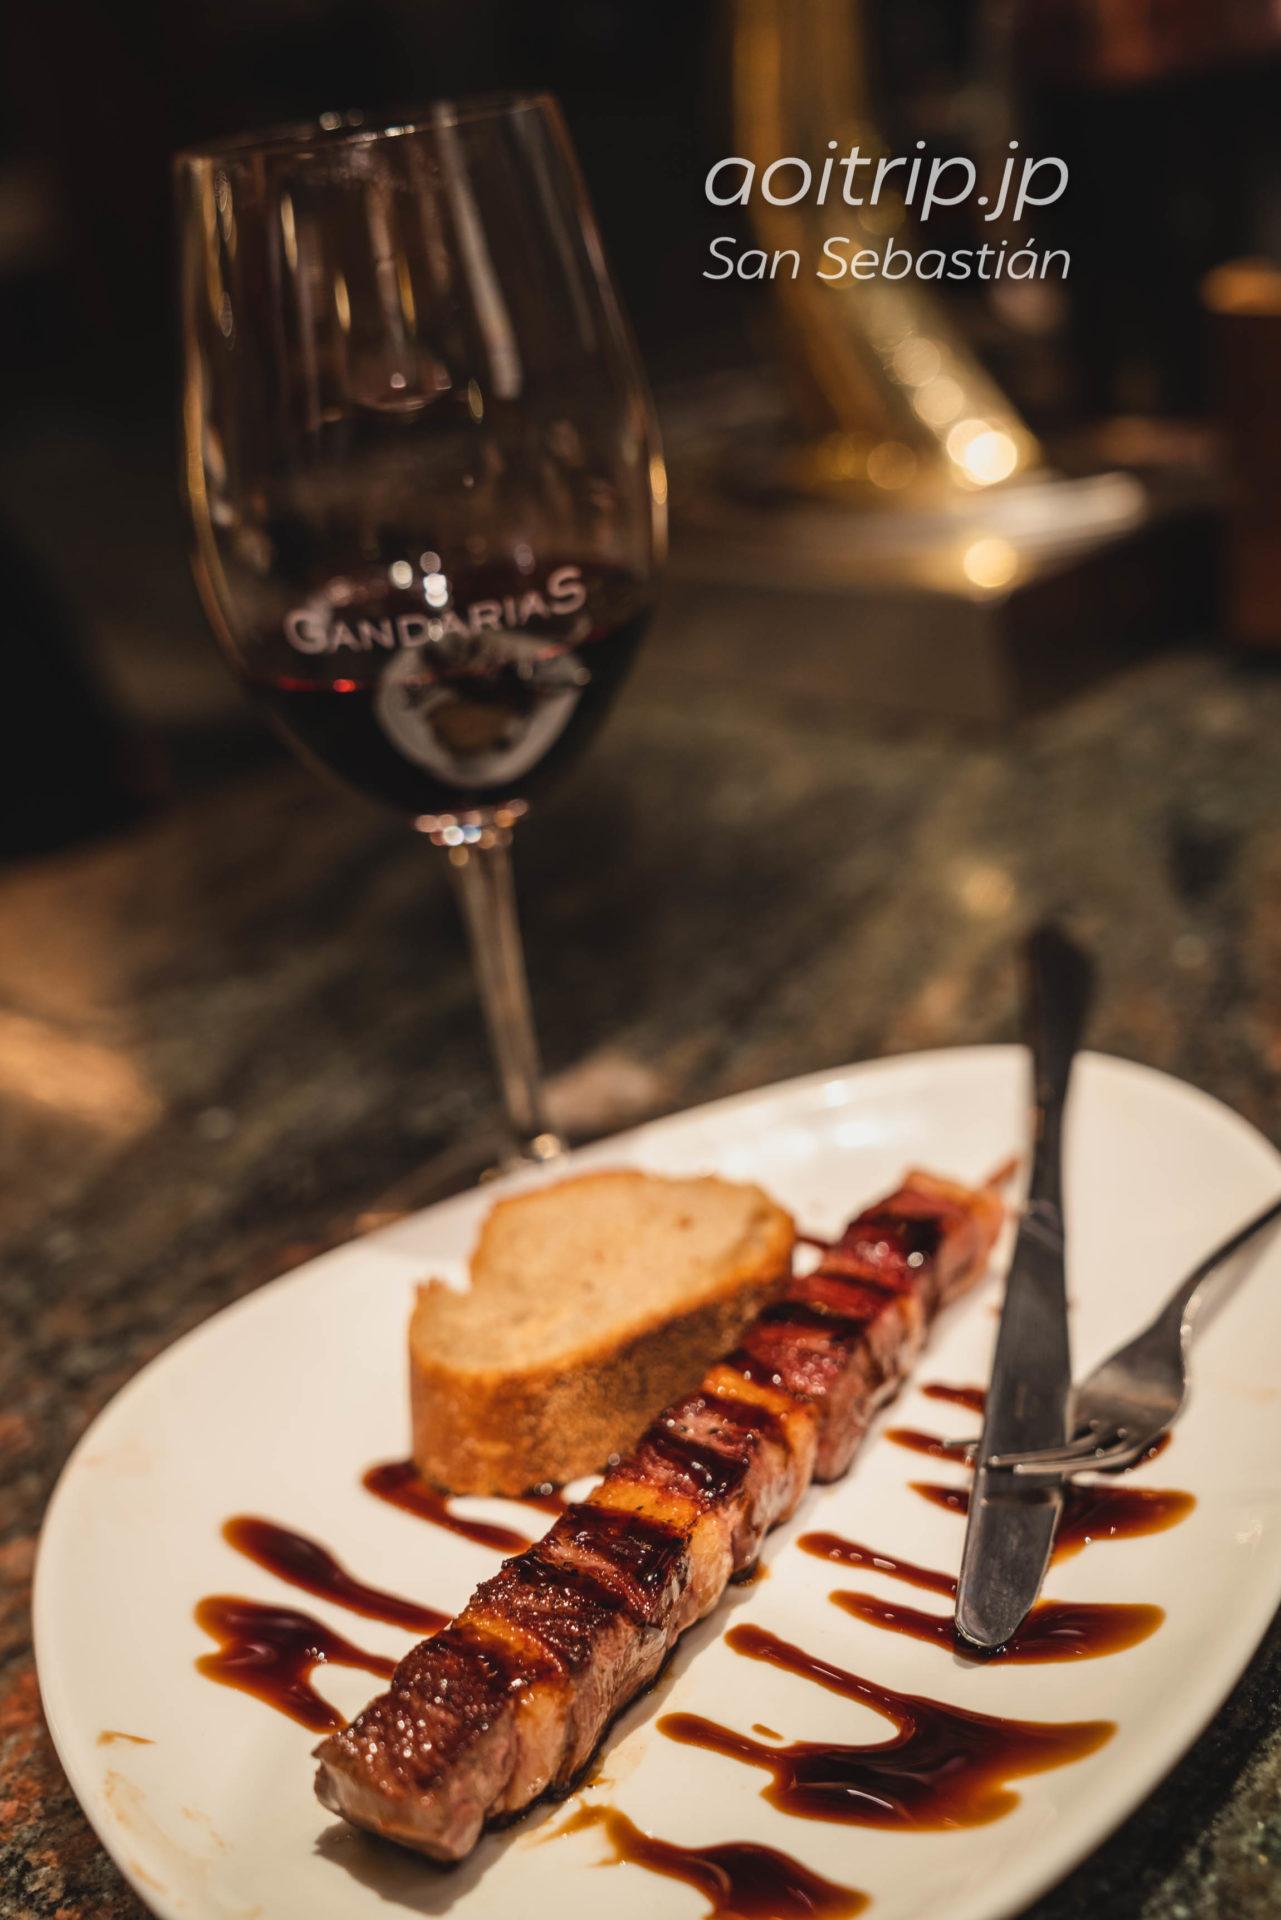 サンセバスティアンのバル Gandarias 鴨の串焼き Brocheta magret de pato